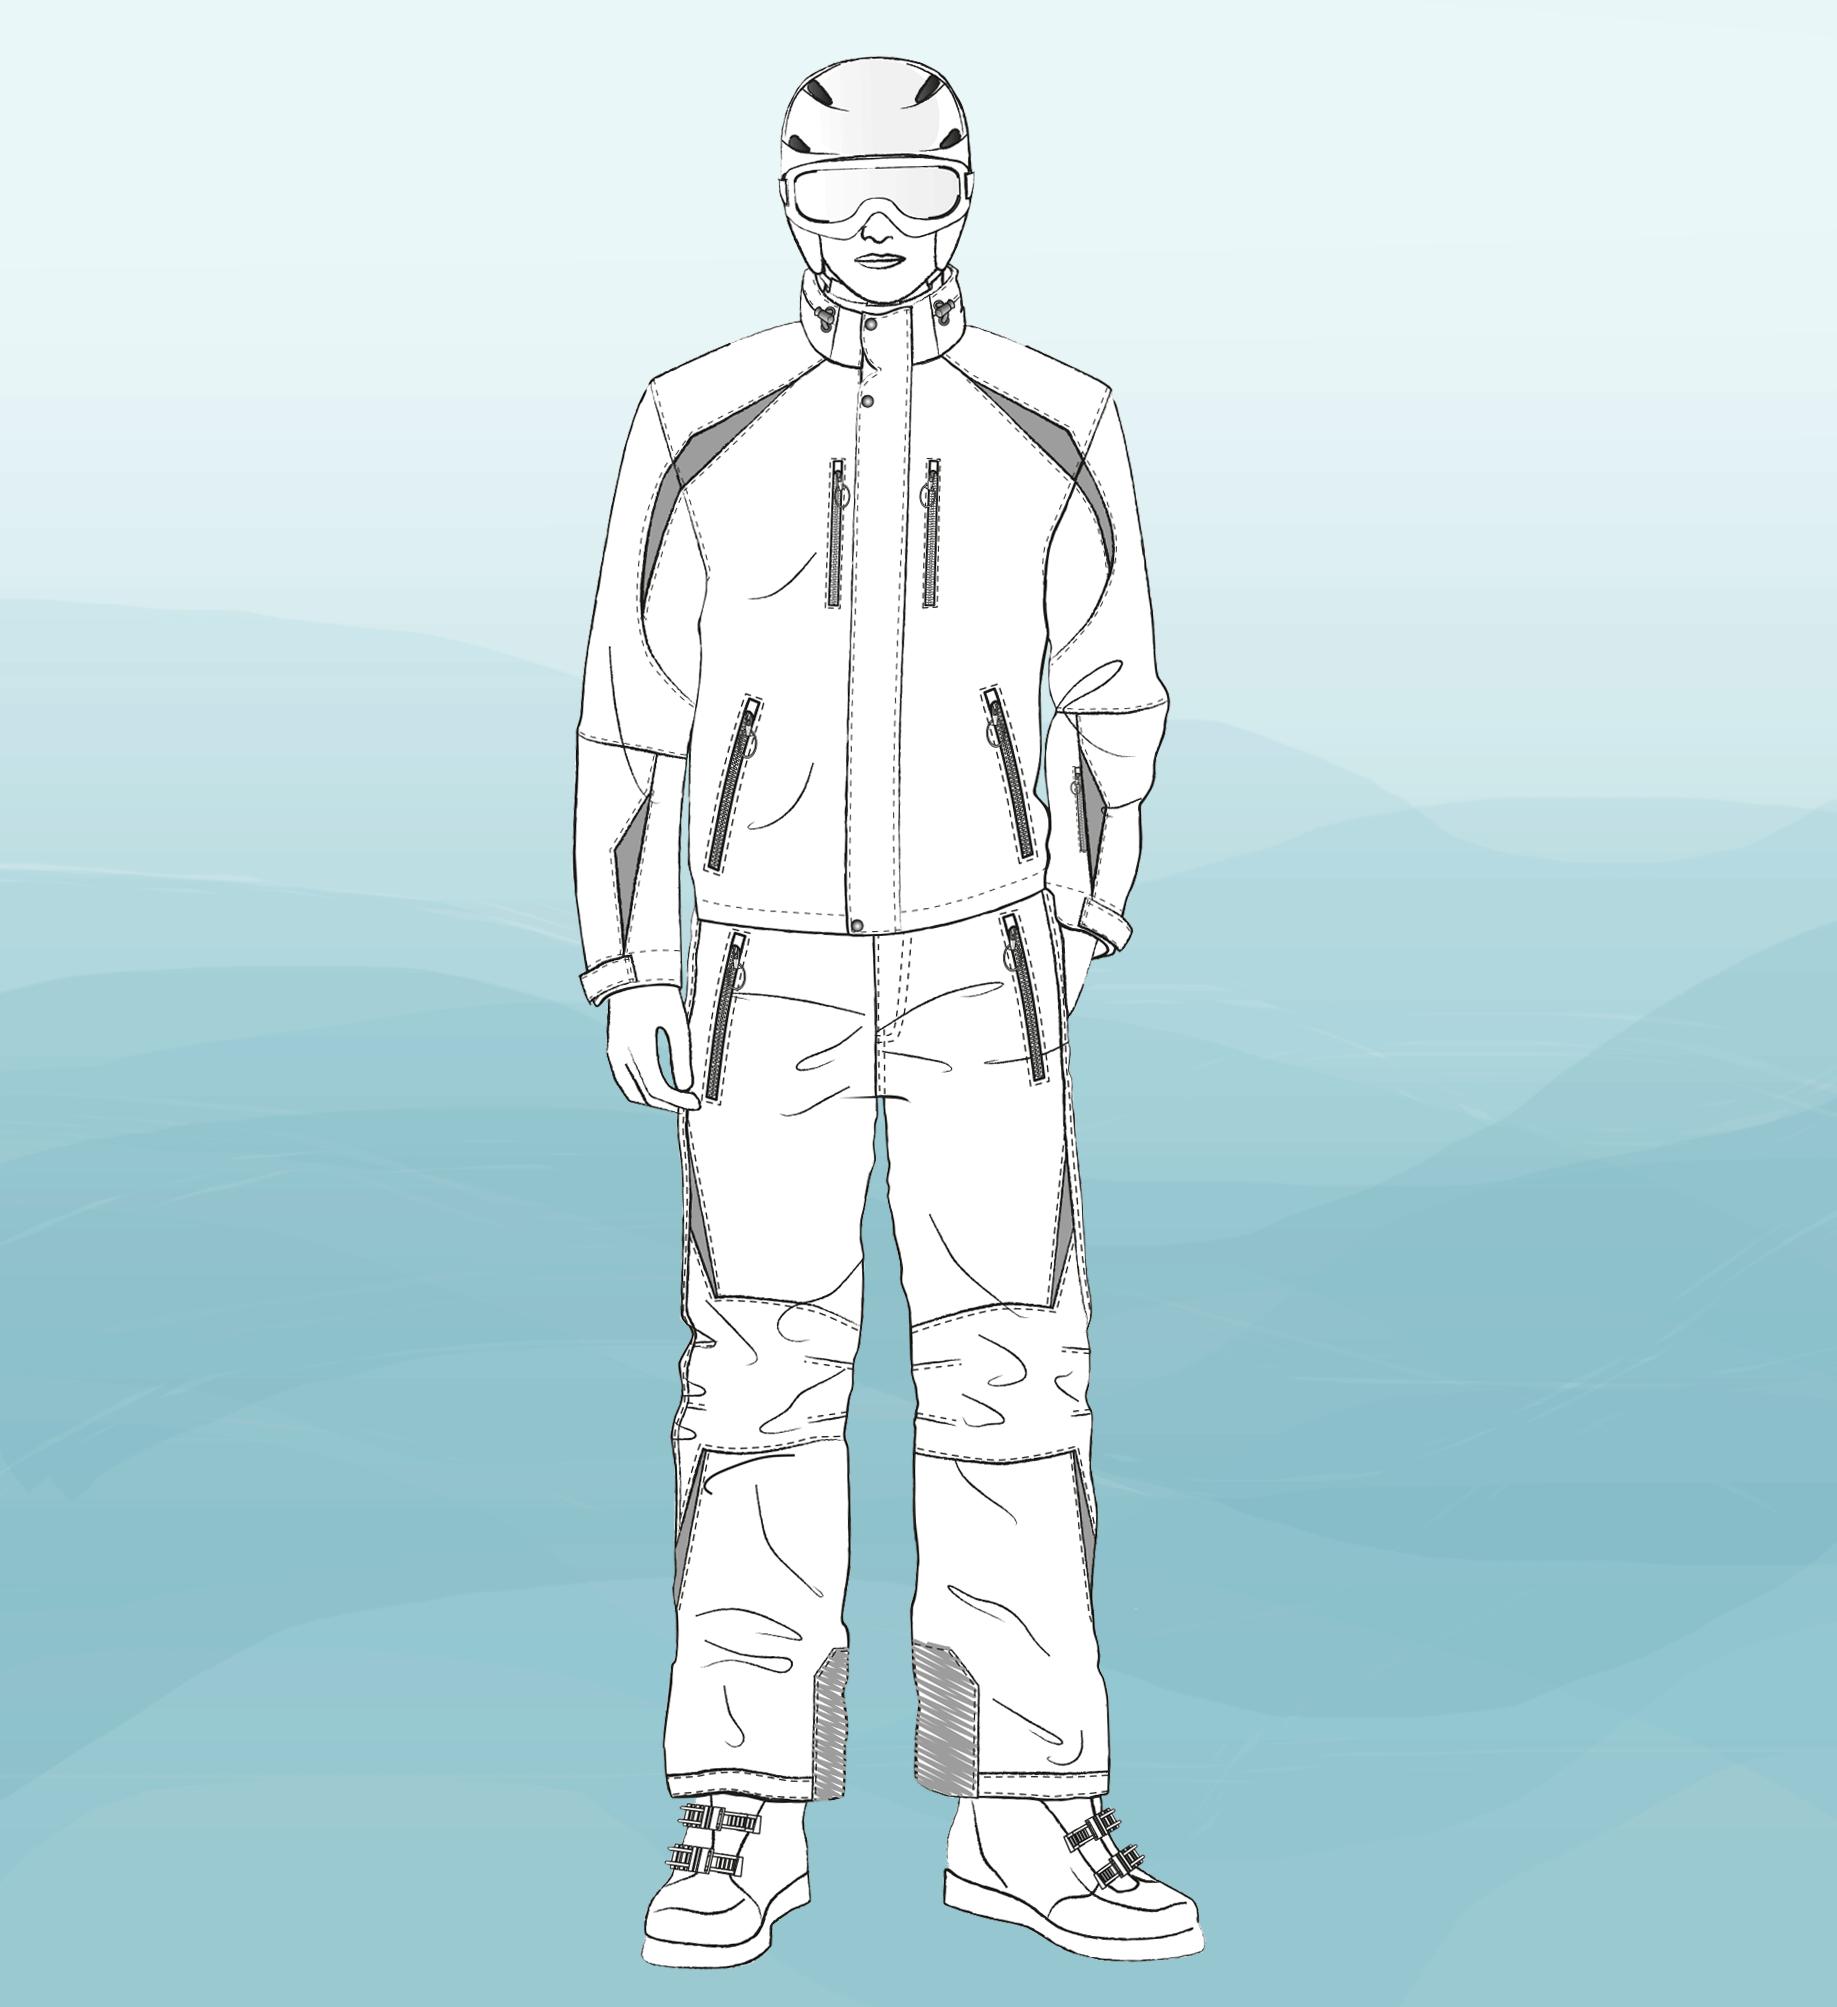 Abgebildet ist die technische Zeichnung von einer Skijacke und Skihose als Vorlage für die Schnitt-Technik